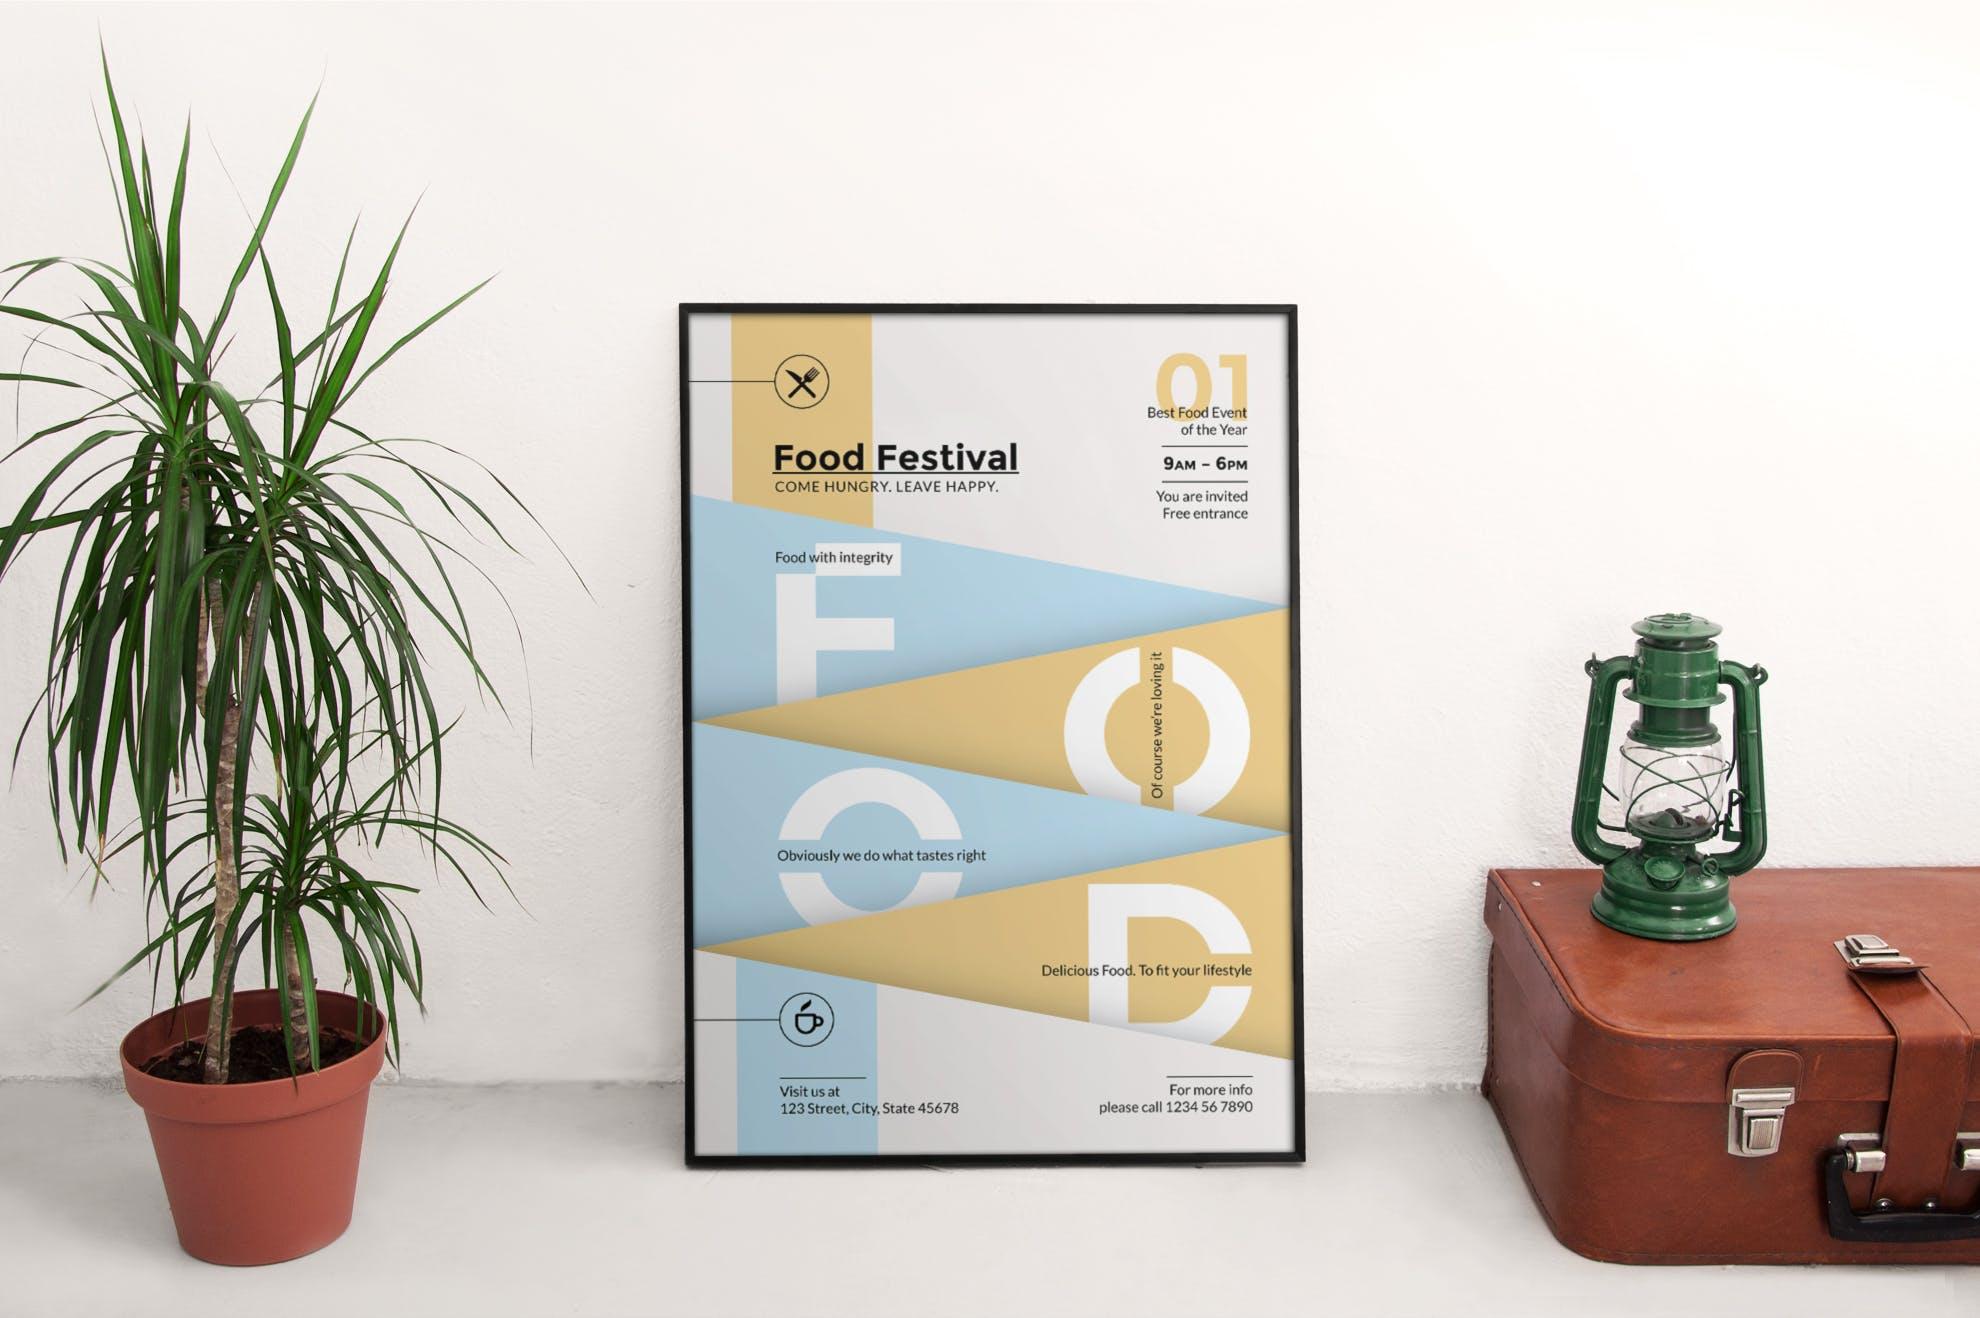 美食节传单和海报模板Food Festival Flyer and Poster Template插图(4)